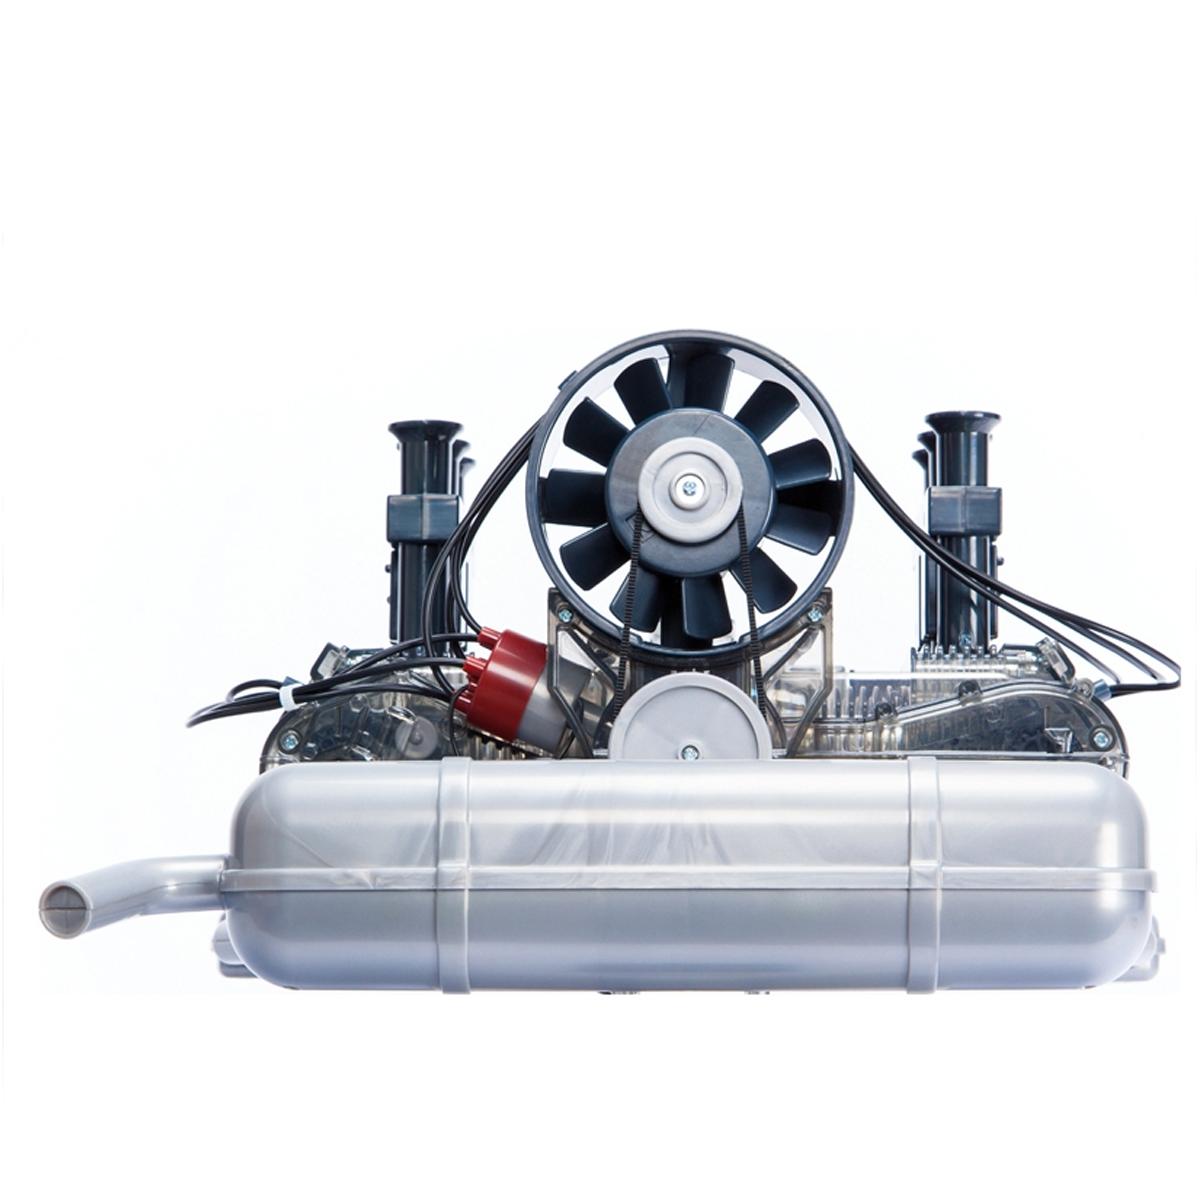 bausatz porsche 6 zylinder boxermotor. Black Bedroom Furniture Sets. Home Design Ideas